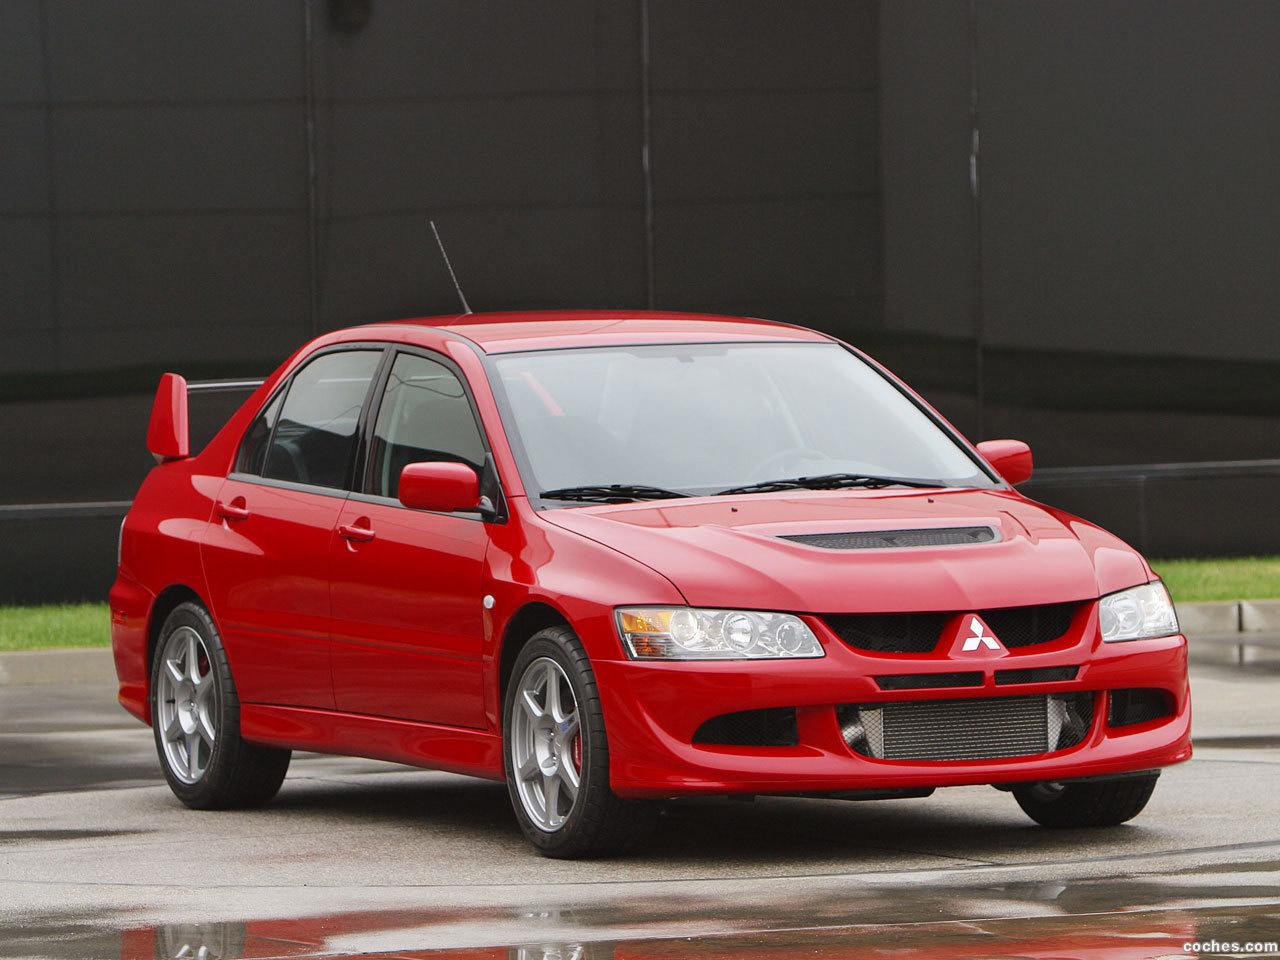 Foto 1 de Mitsubishi Lancer Evolution VIII USA 2003